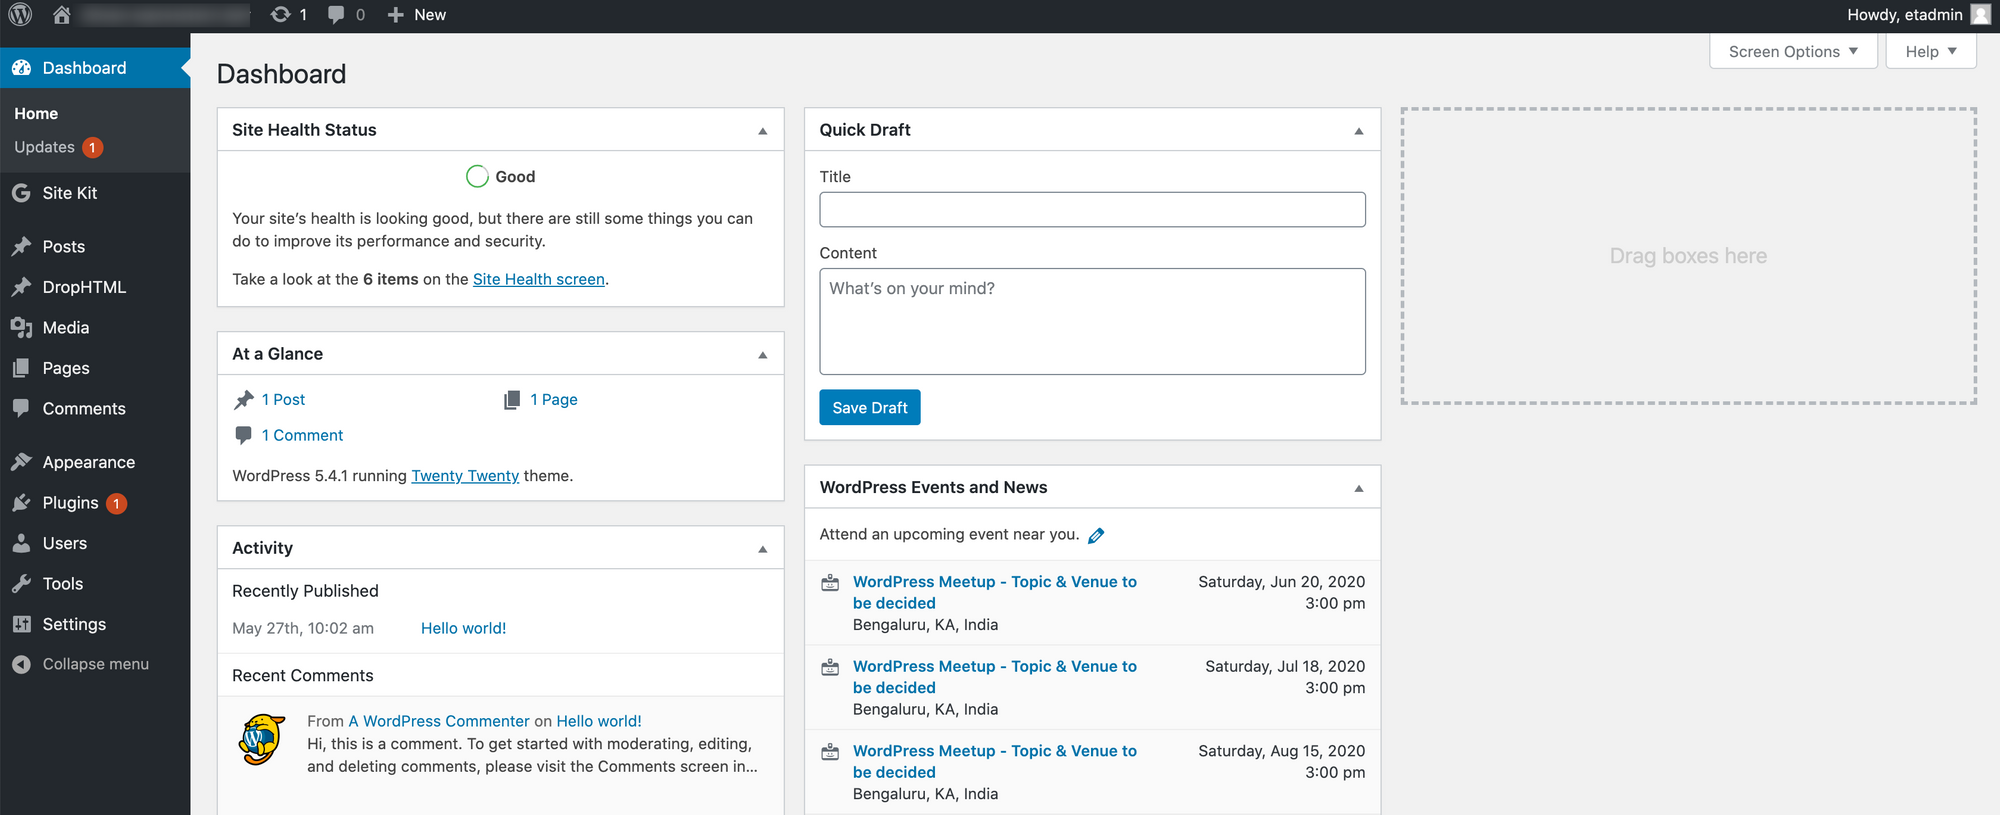 wordpress dashboard admin login dashboard